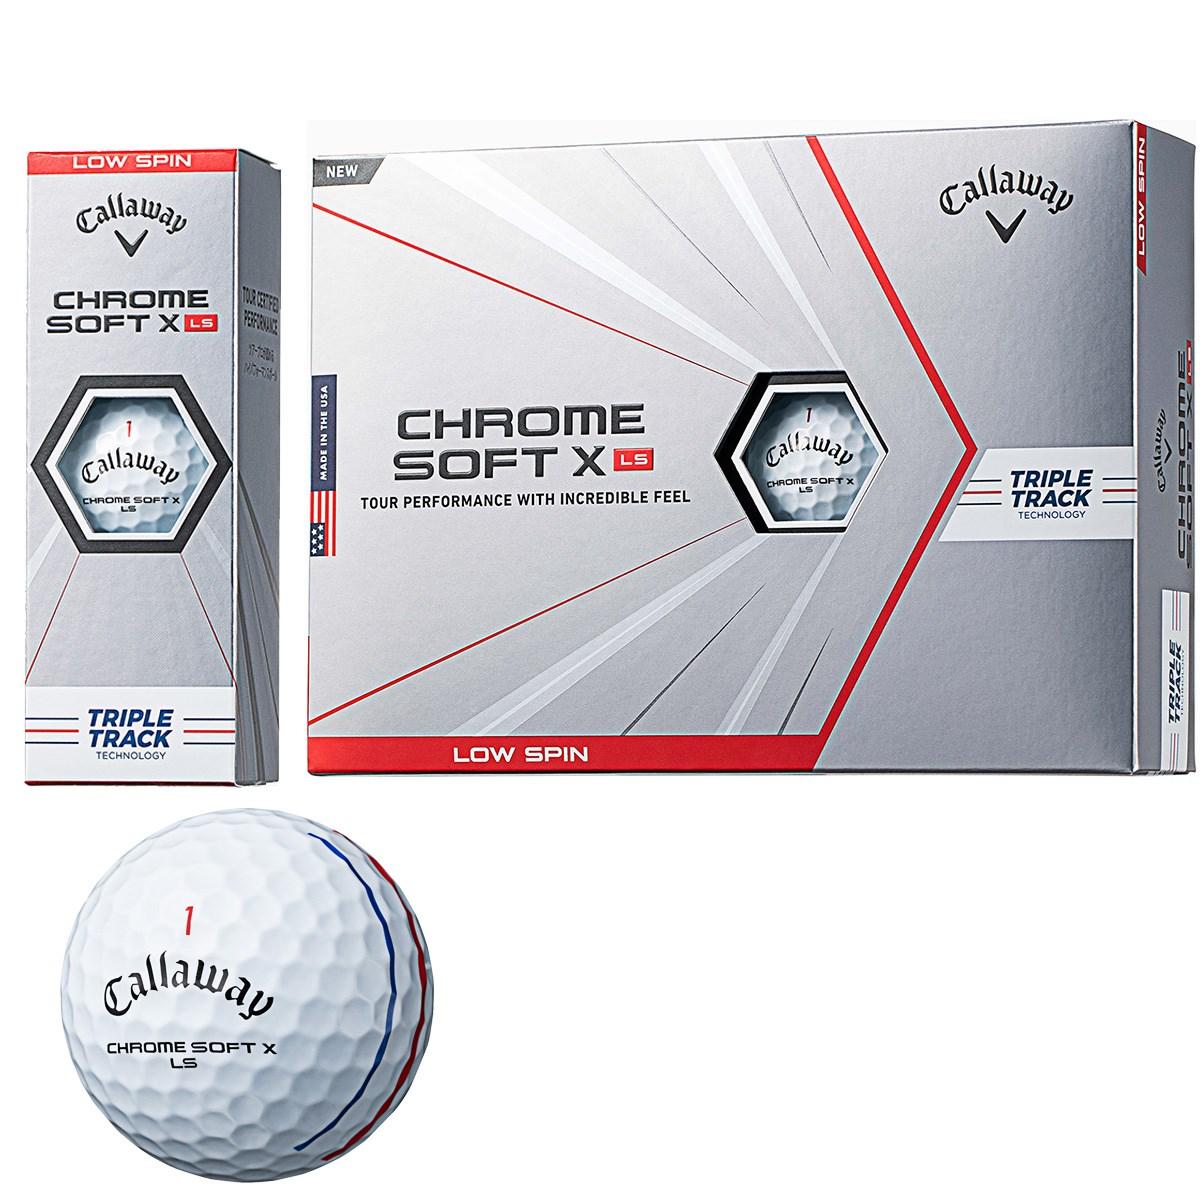 キャロウェイゴルフ CHROM SOFT CHROME SOFT X LS TRIPLE TRACK ボール 1ダース(12個入り) ホワイト